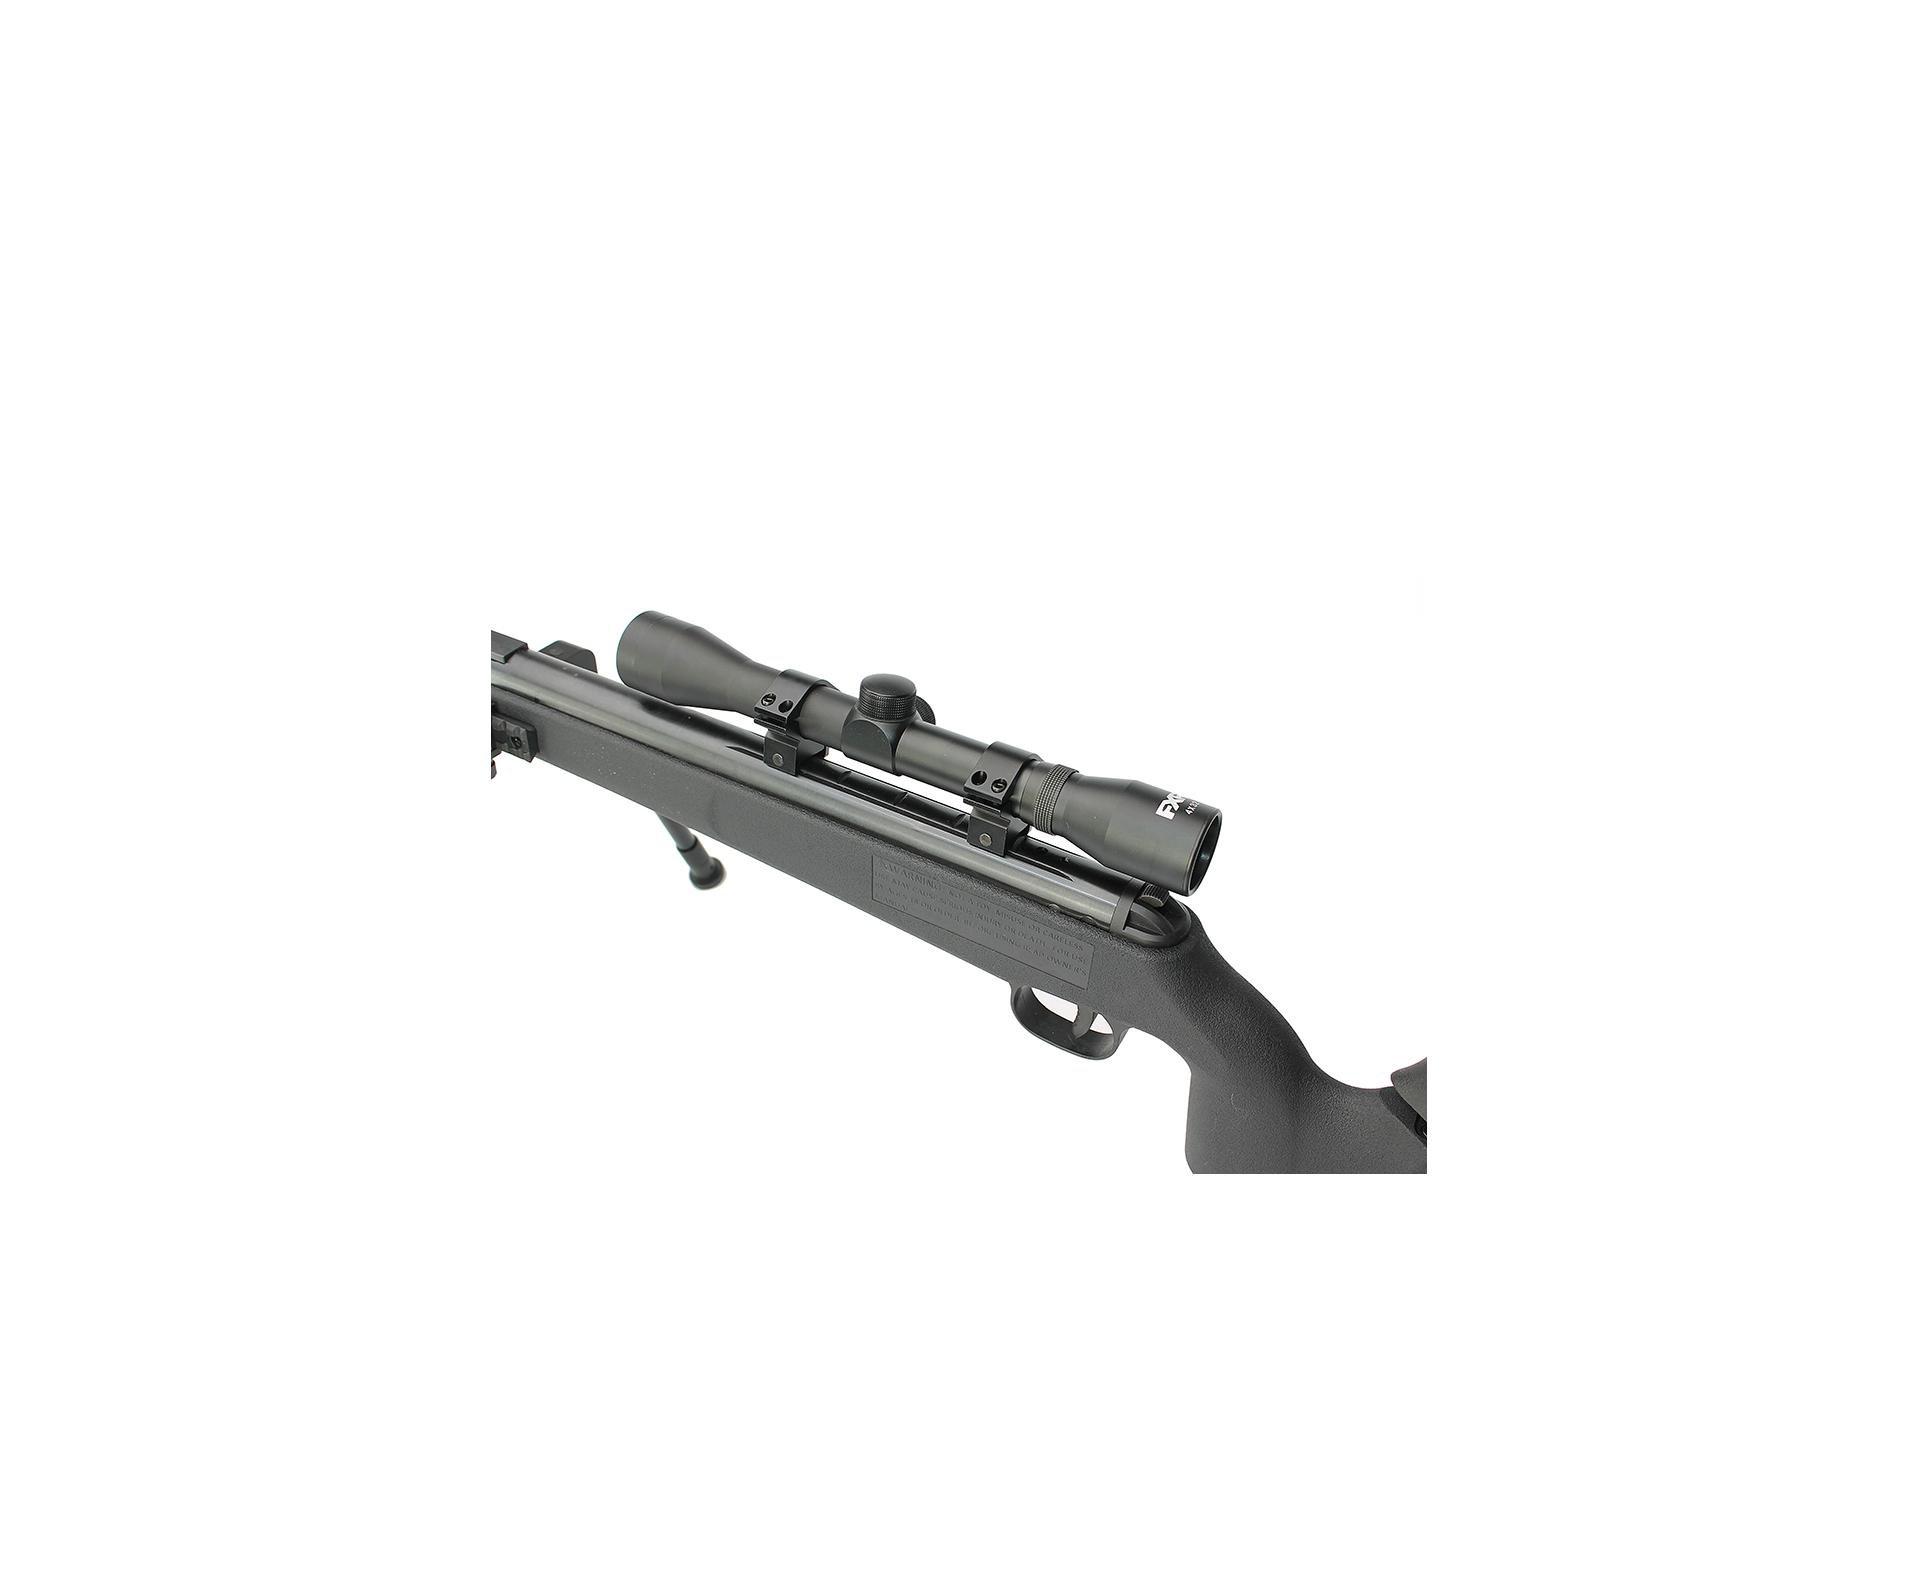 Carabina De Pressão Artemis Gp 1250 Sniper Gas Ram 70kg Black 5,5mm + Bipé + Luneta + Supressor